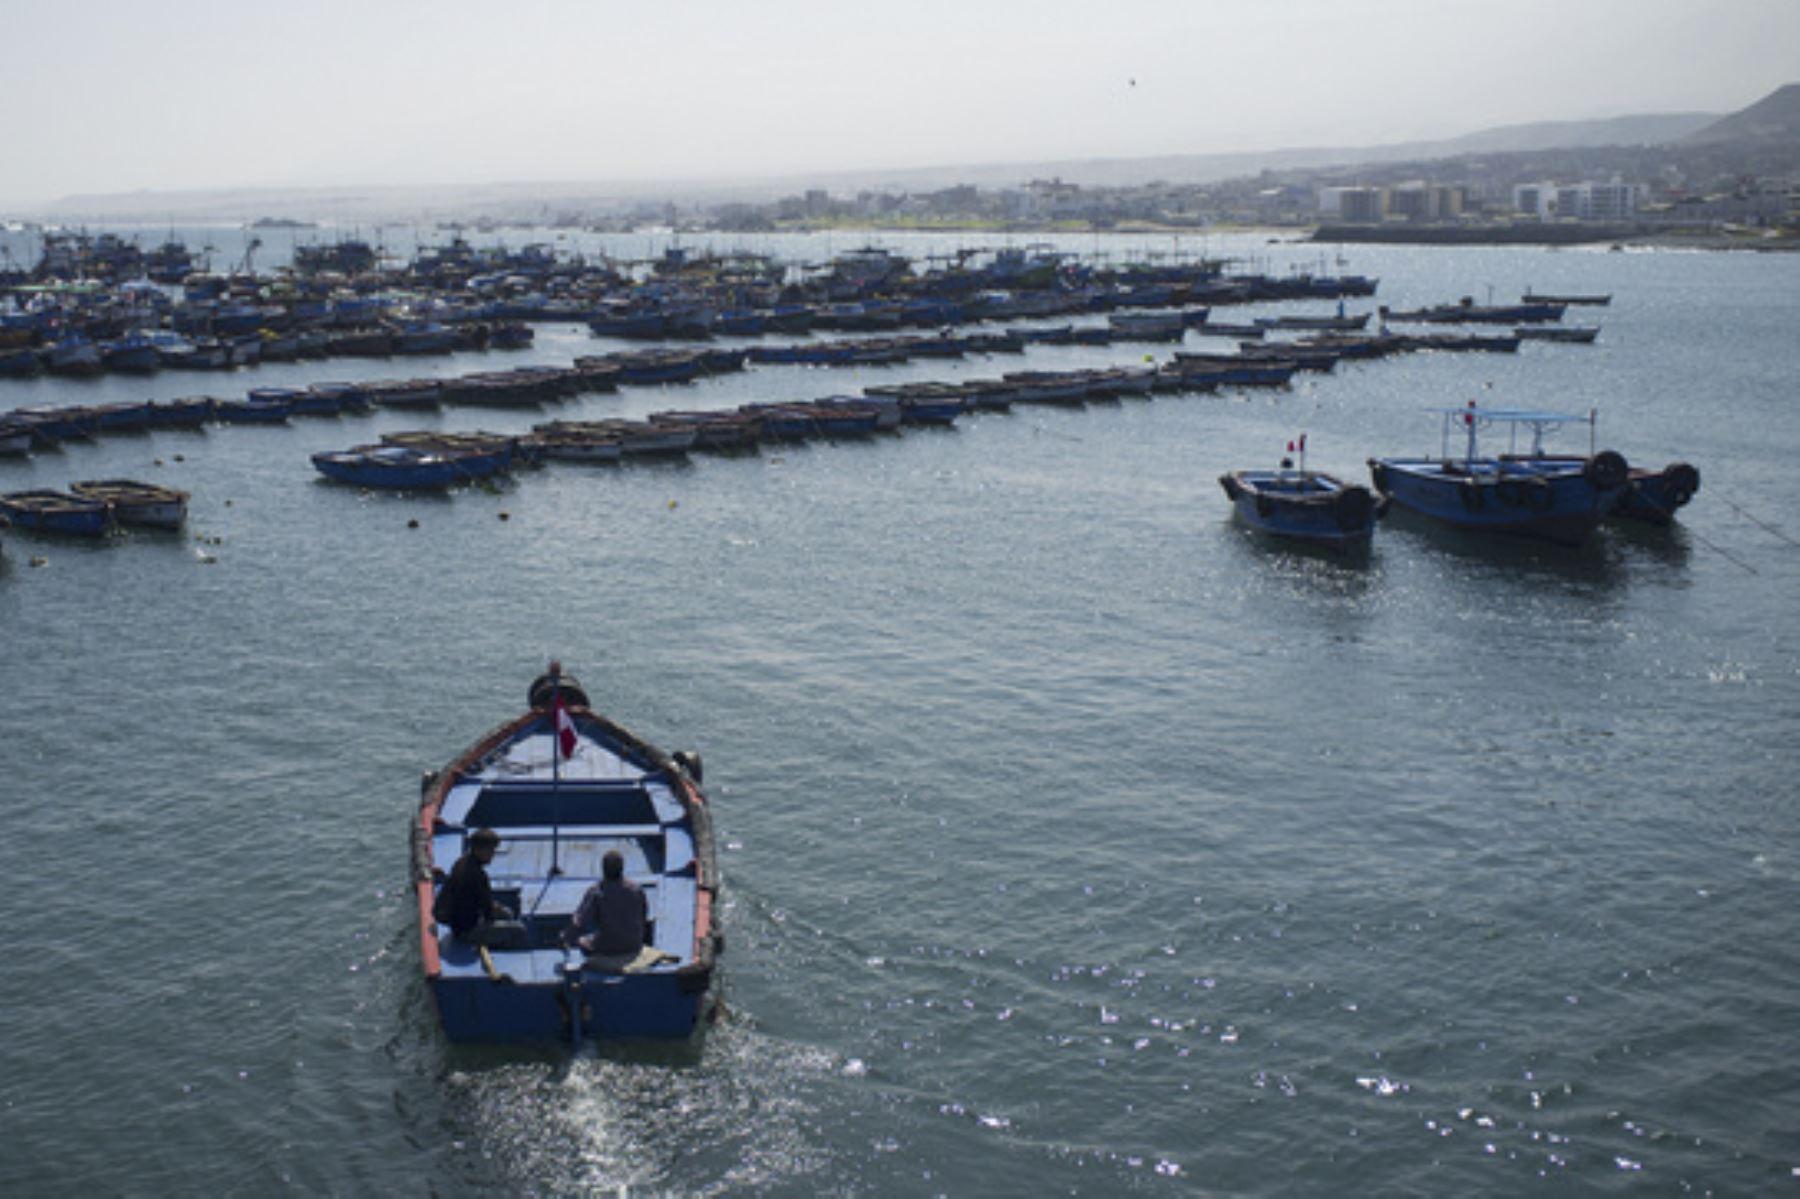 El Minam articula acciones participativas con los gobiernos regionales y locales de las jurisdicciones del litoral, tal como se trabaja en Piura, Lambayeque, La Libertad y Lima. Foto: ANDINA/Difusión